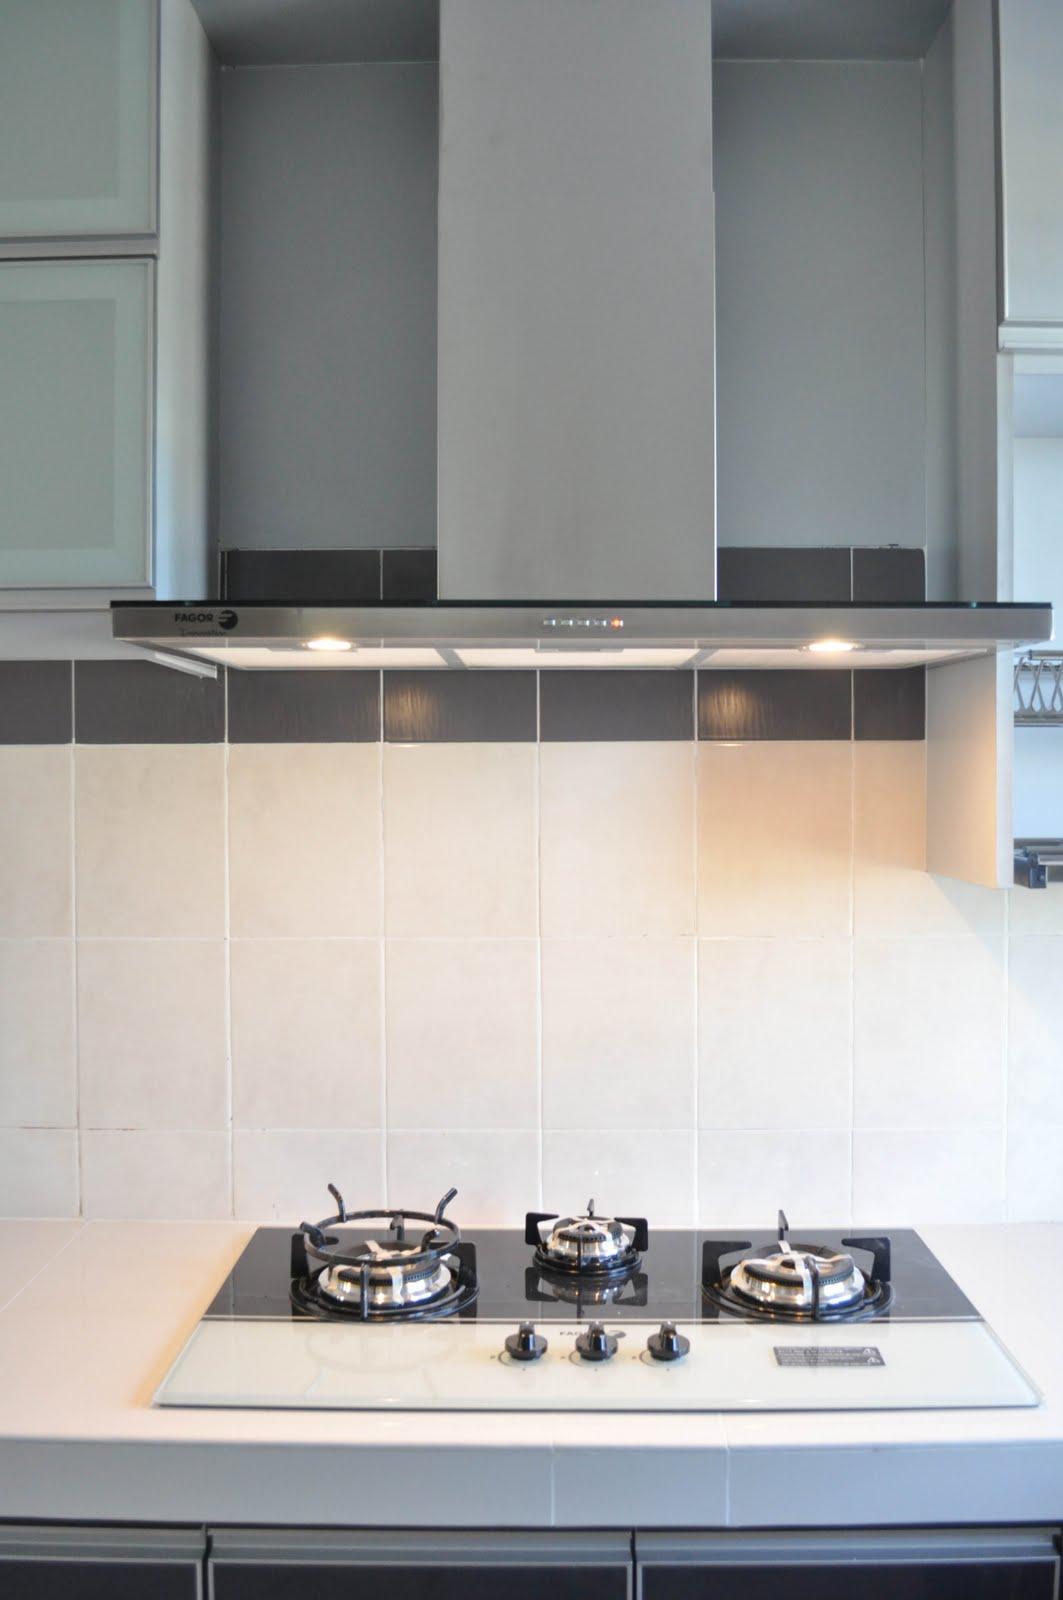 Jenama Hob Dapur Yang Bagus Desainrumahid